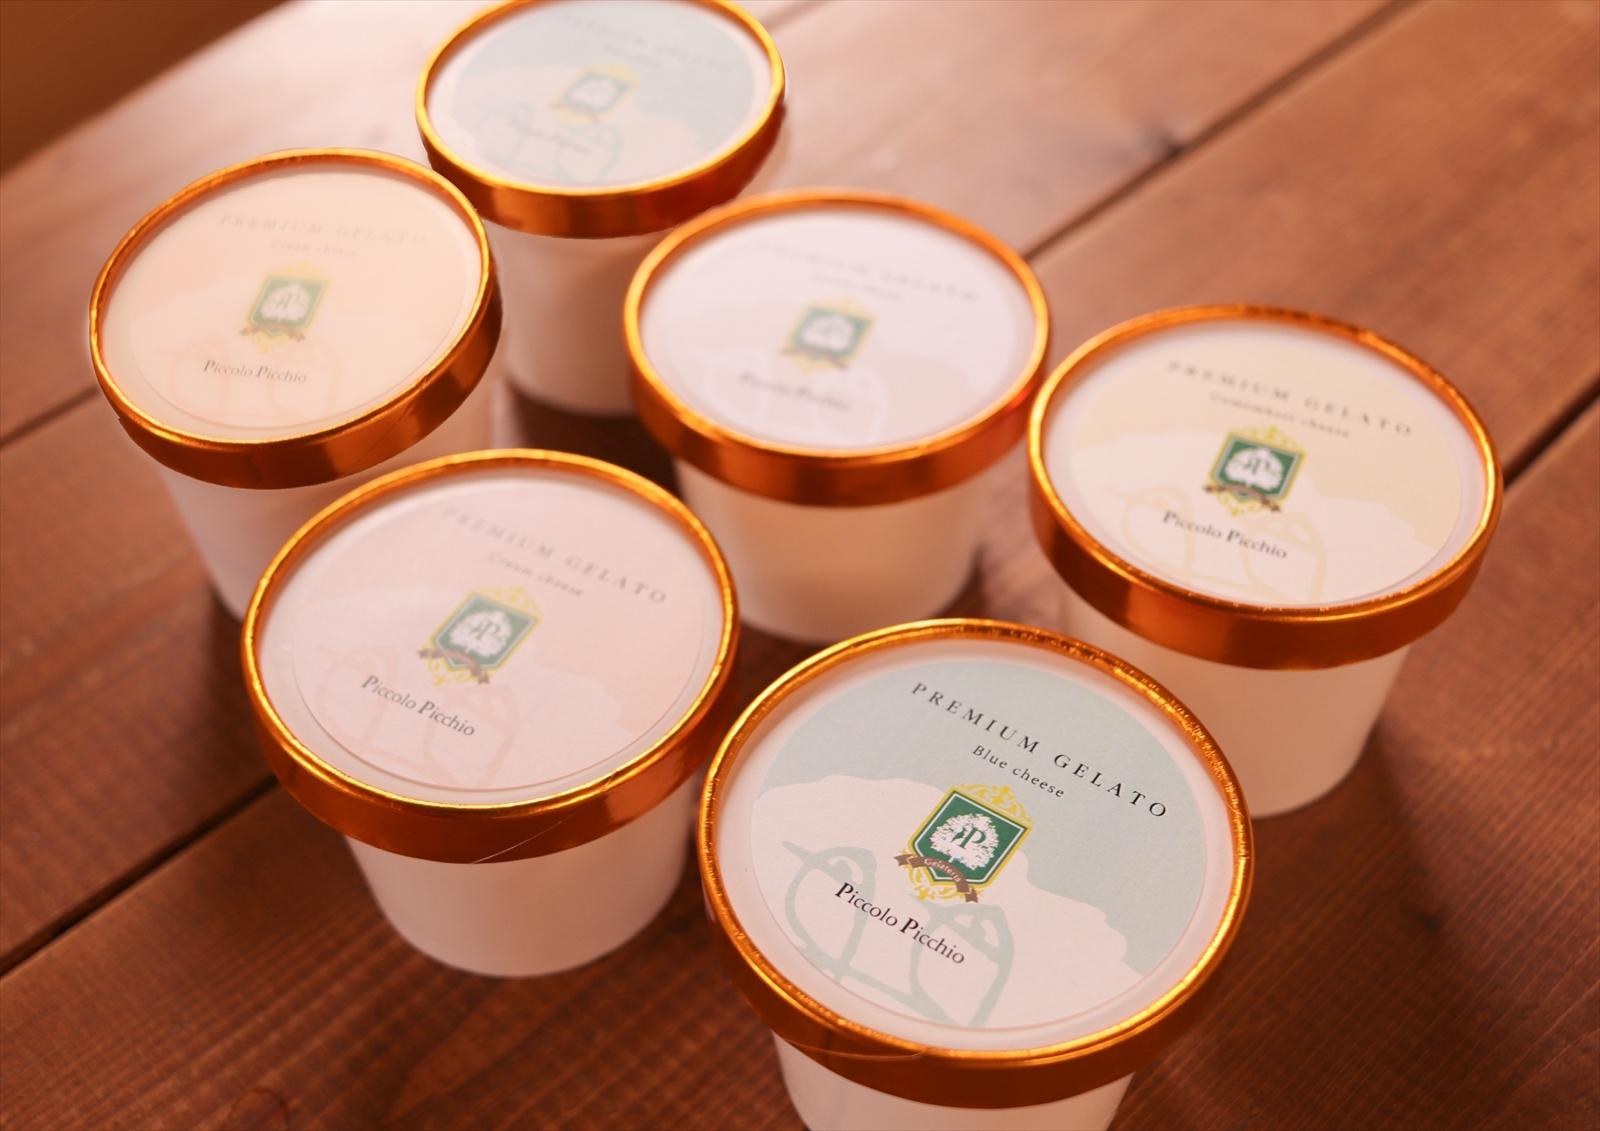 森のジェラートセット6個入り【チーズのアソート】